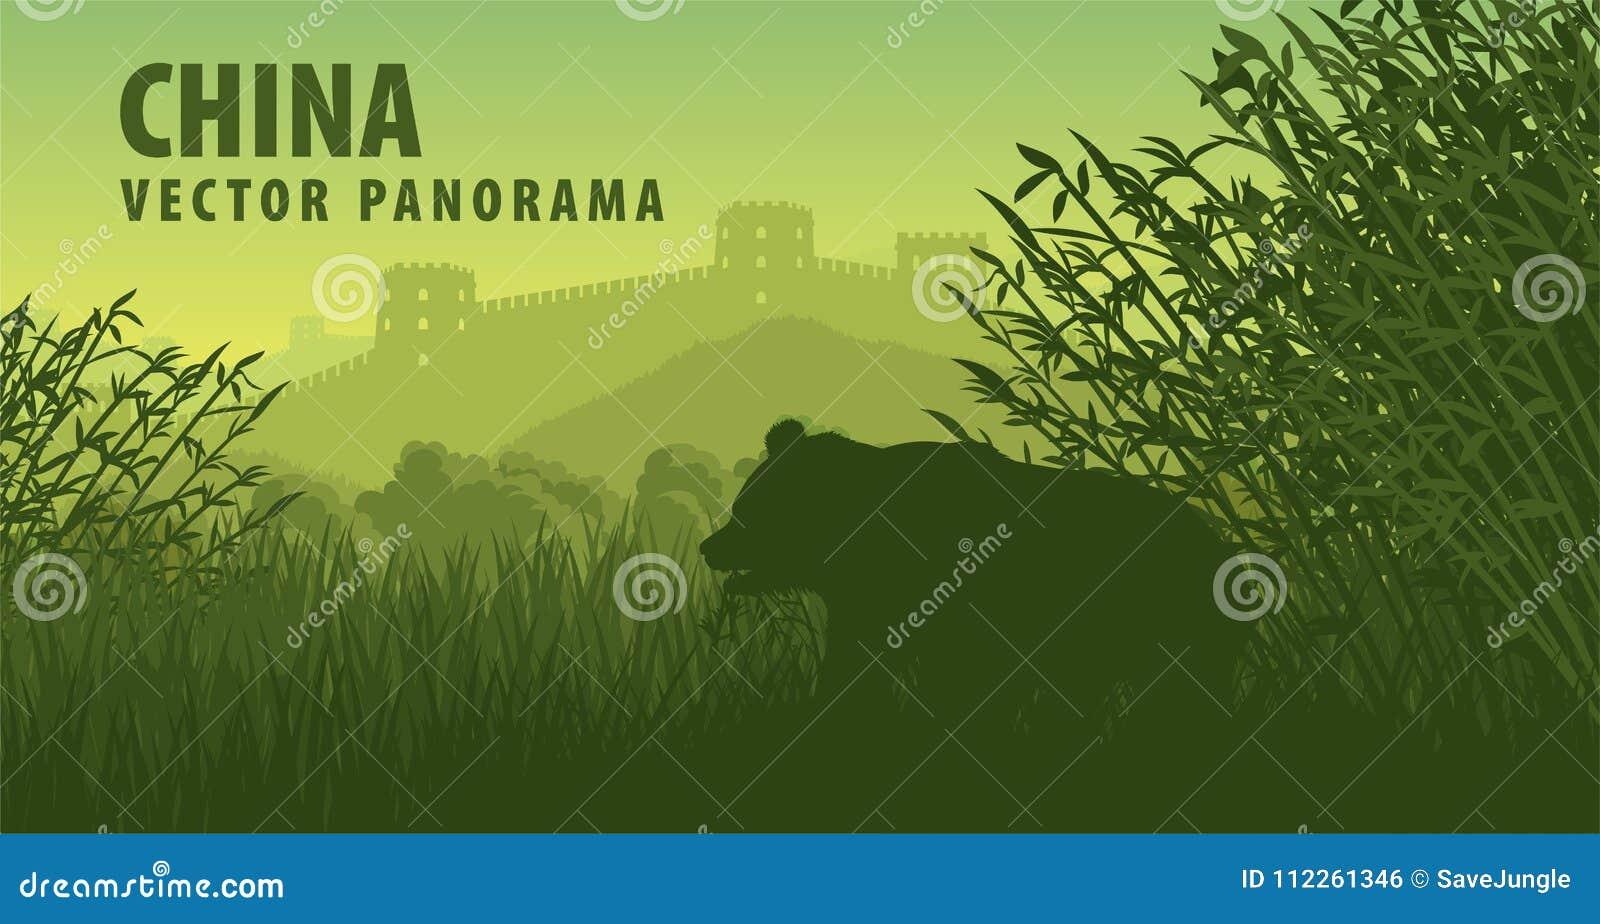 Vector o panorama de China com o Grande Muralha no urso da montanha e de panda gigante no bambu